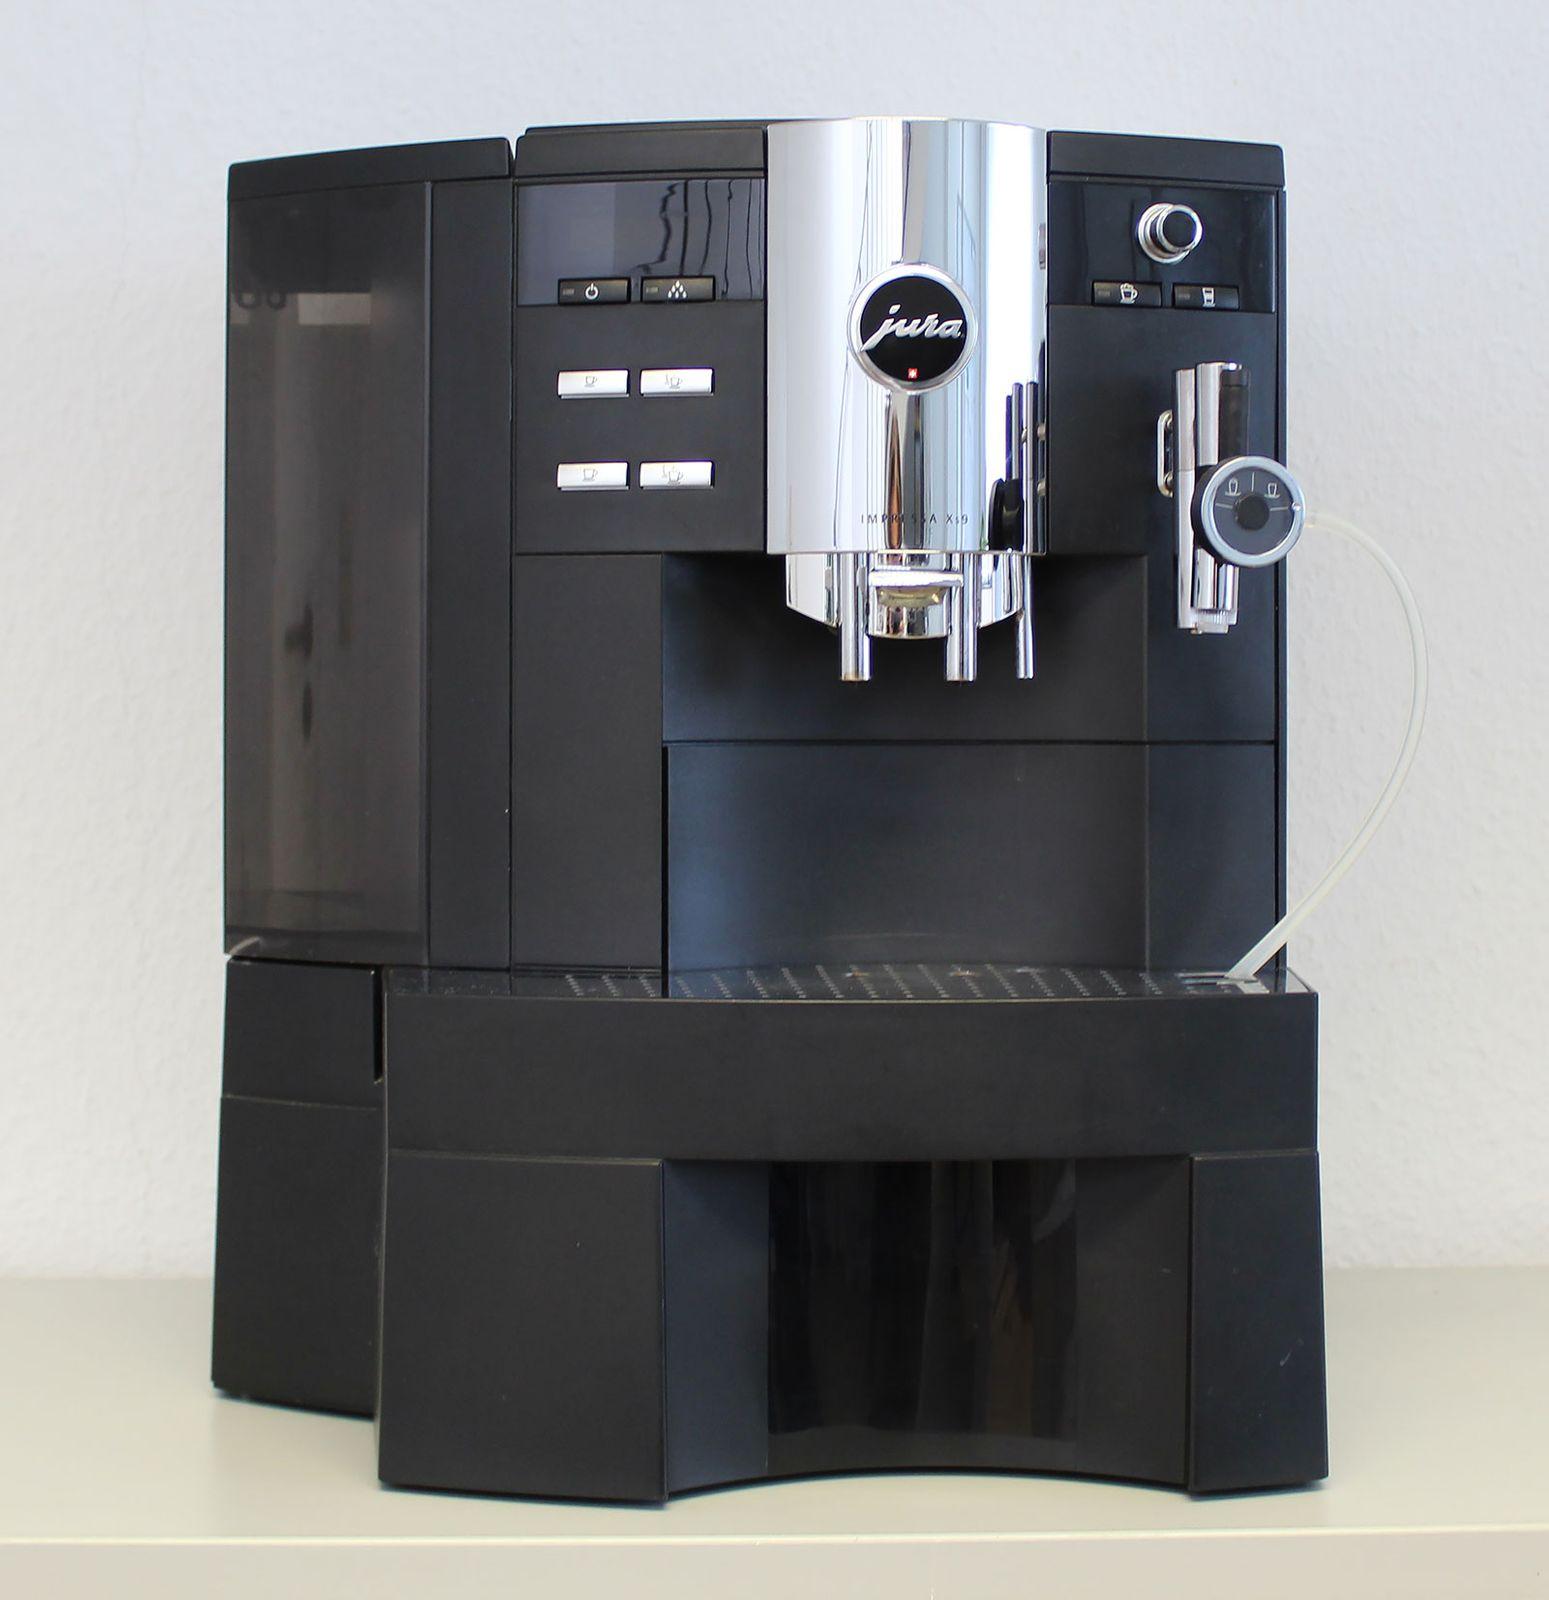 Sale - Jura Impressa XS9 Classic Kaffeevollautomat mit Tank - gebraucht Variante 1